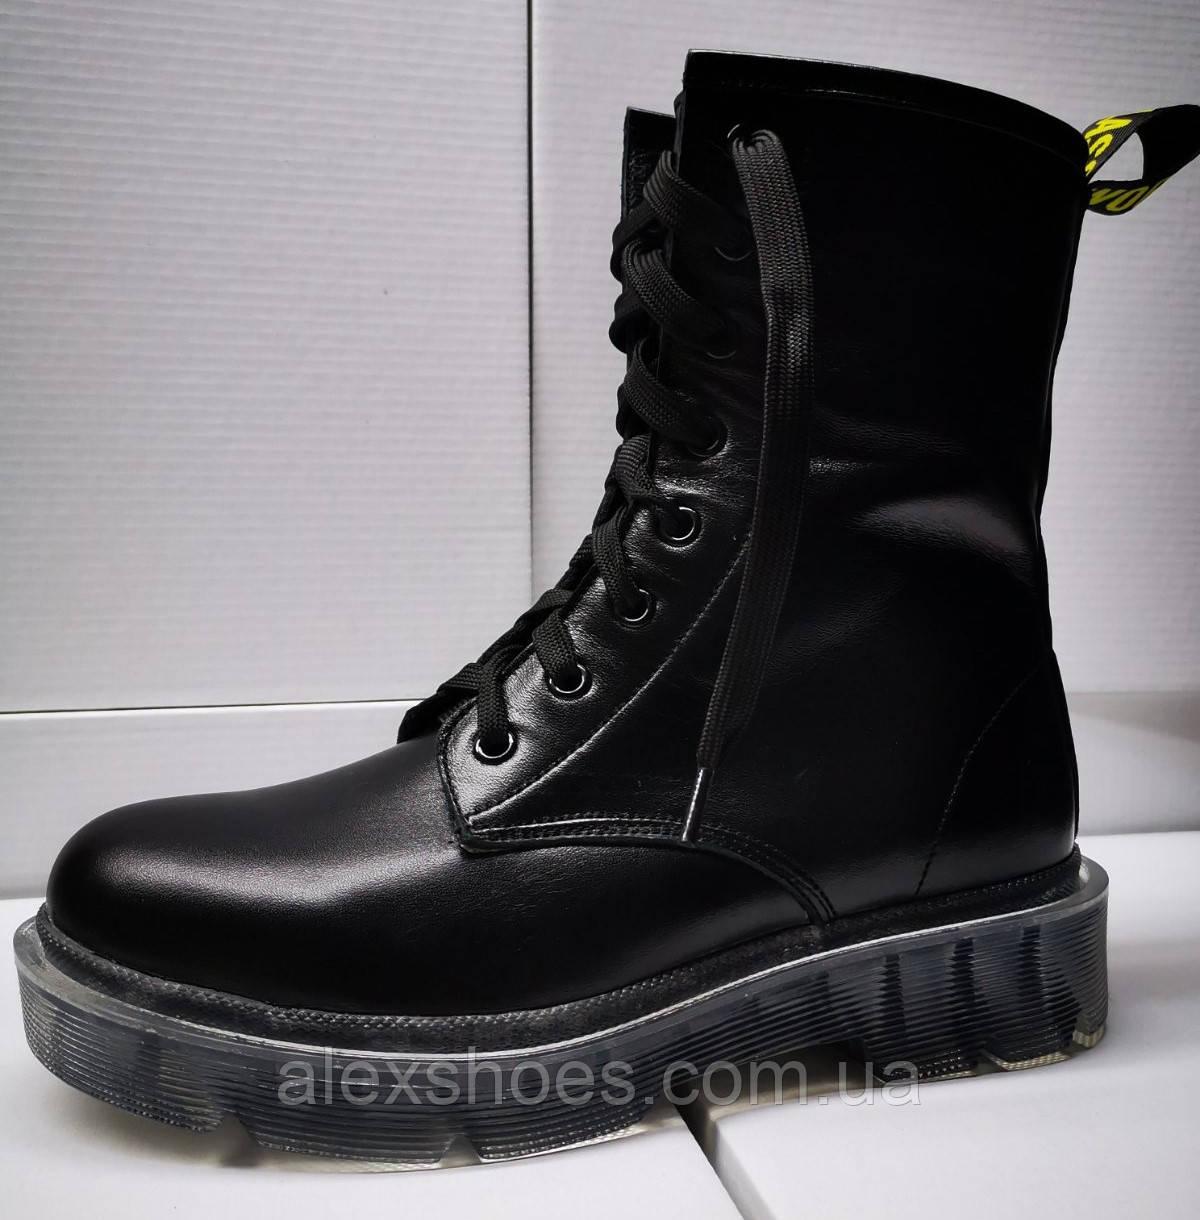 Ботинки молодежные на низком каблуке из натуральной кожи от производителя модель ЛЕ-ДМР01